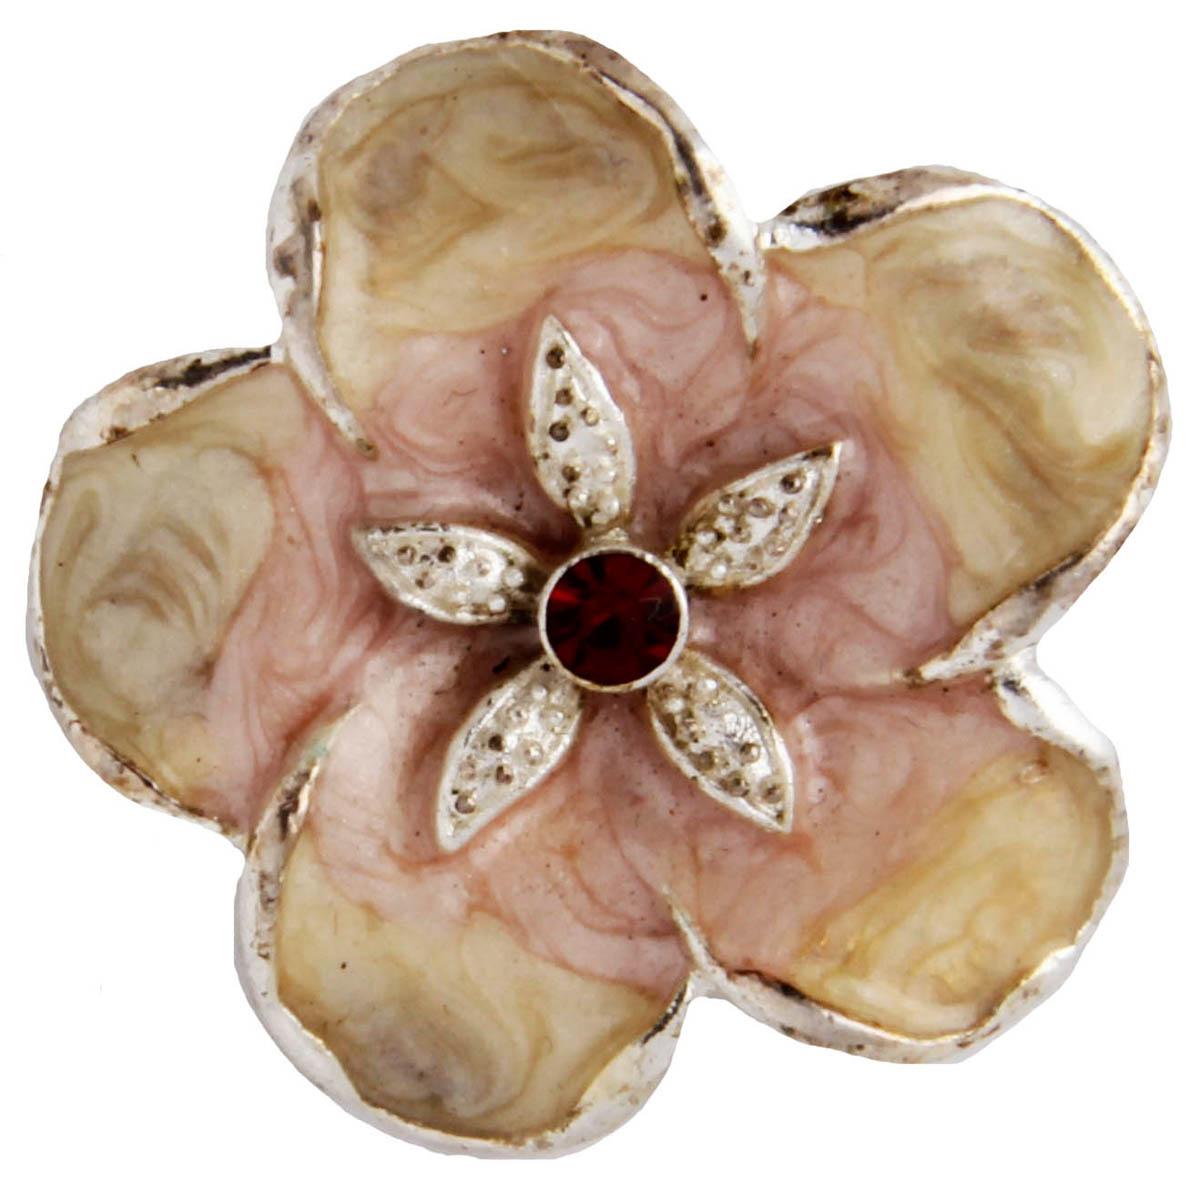 Брошь Нежный цветок. Бижутерный сплав, эмаль, австрийские кристаллы. США, конец XX векаОС29220Брошь Нежный цветок. Бижутерный сплав, эмаль, австрийские кристаллы. США, конец ХХ века. Размер 3 х 3 см. Сохранность хорошая. Предмет не был в использовании. Филигранная брошь выполнена из бижутерного сплава серебряного тона. Очаровательная, притягивающая взгляды брошь. Снабжена удобной и надежной застежкой. Брошь - отличное дополнение вашего наряда.